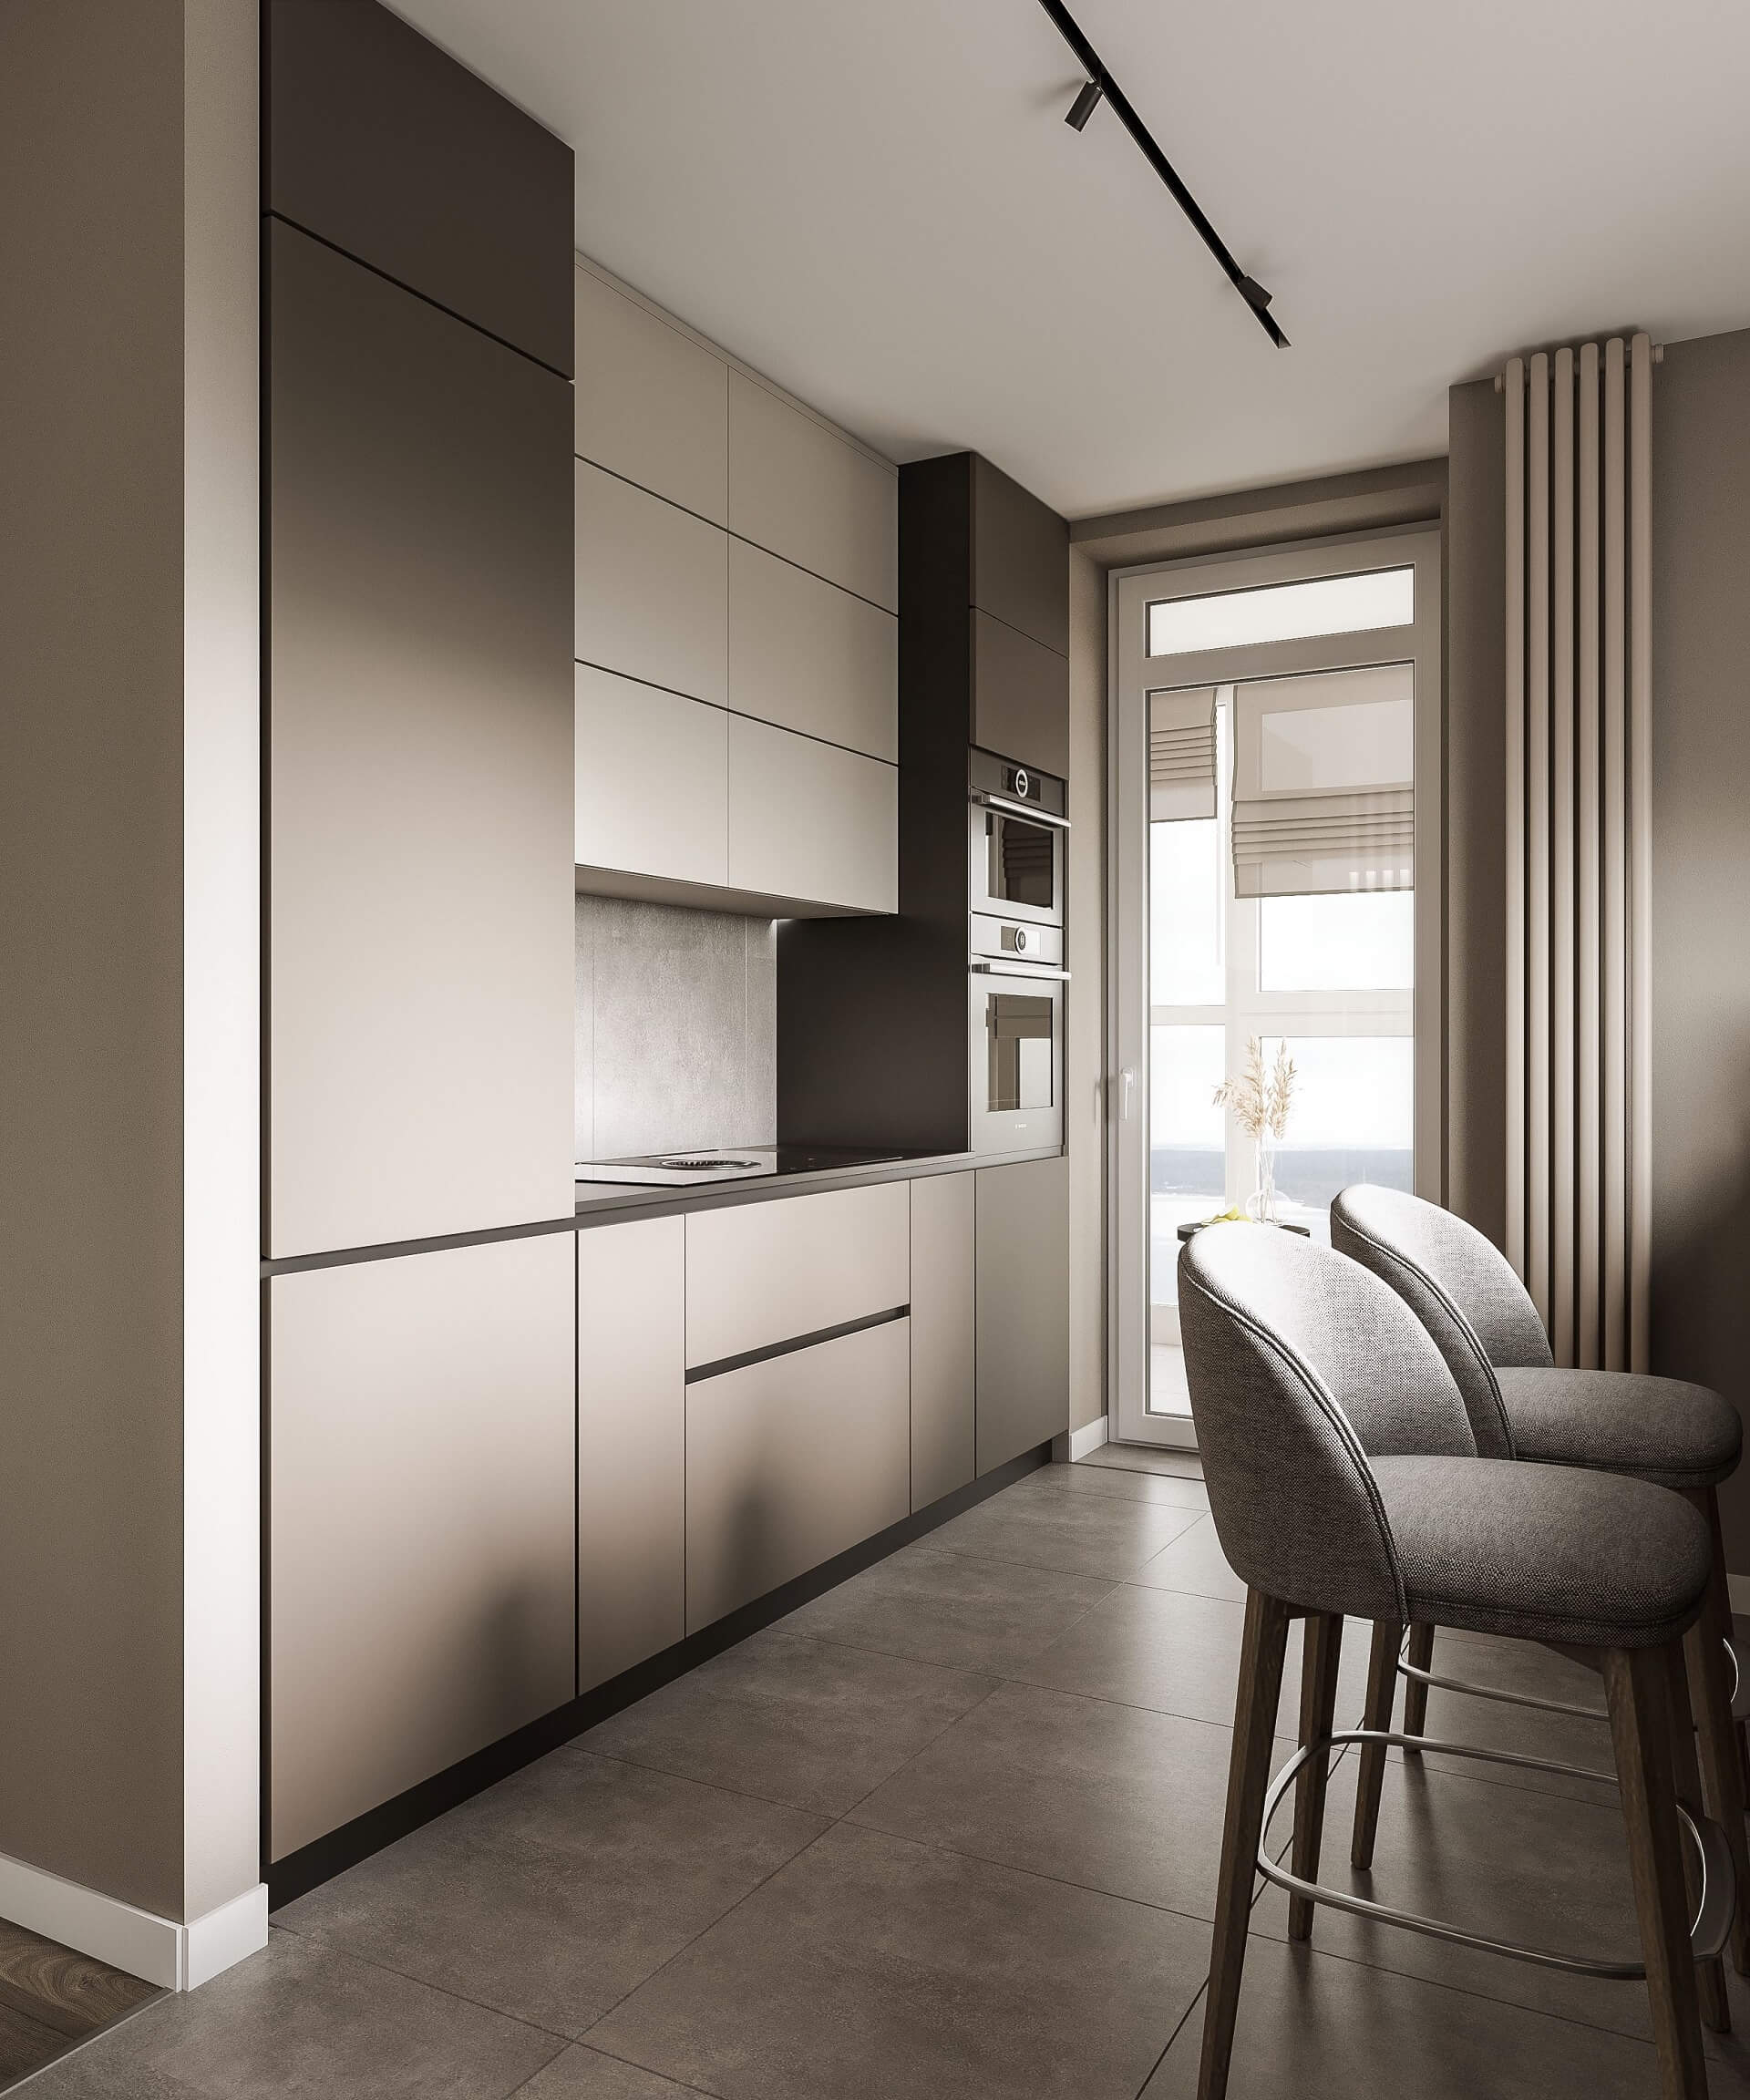 Дизайн кухни-гостиной. Интерьер кухни. Вид 3.